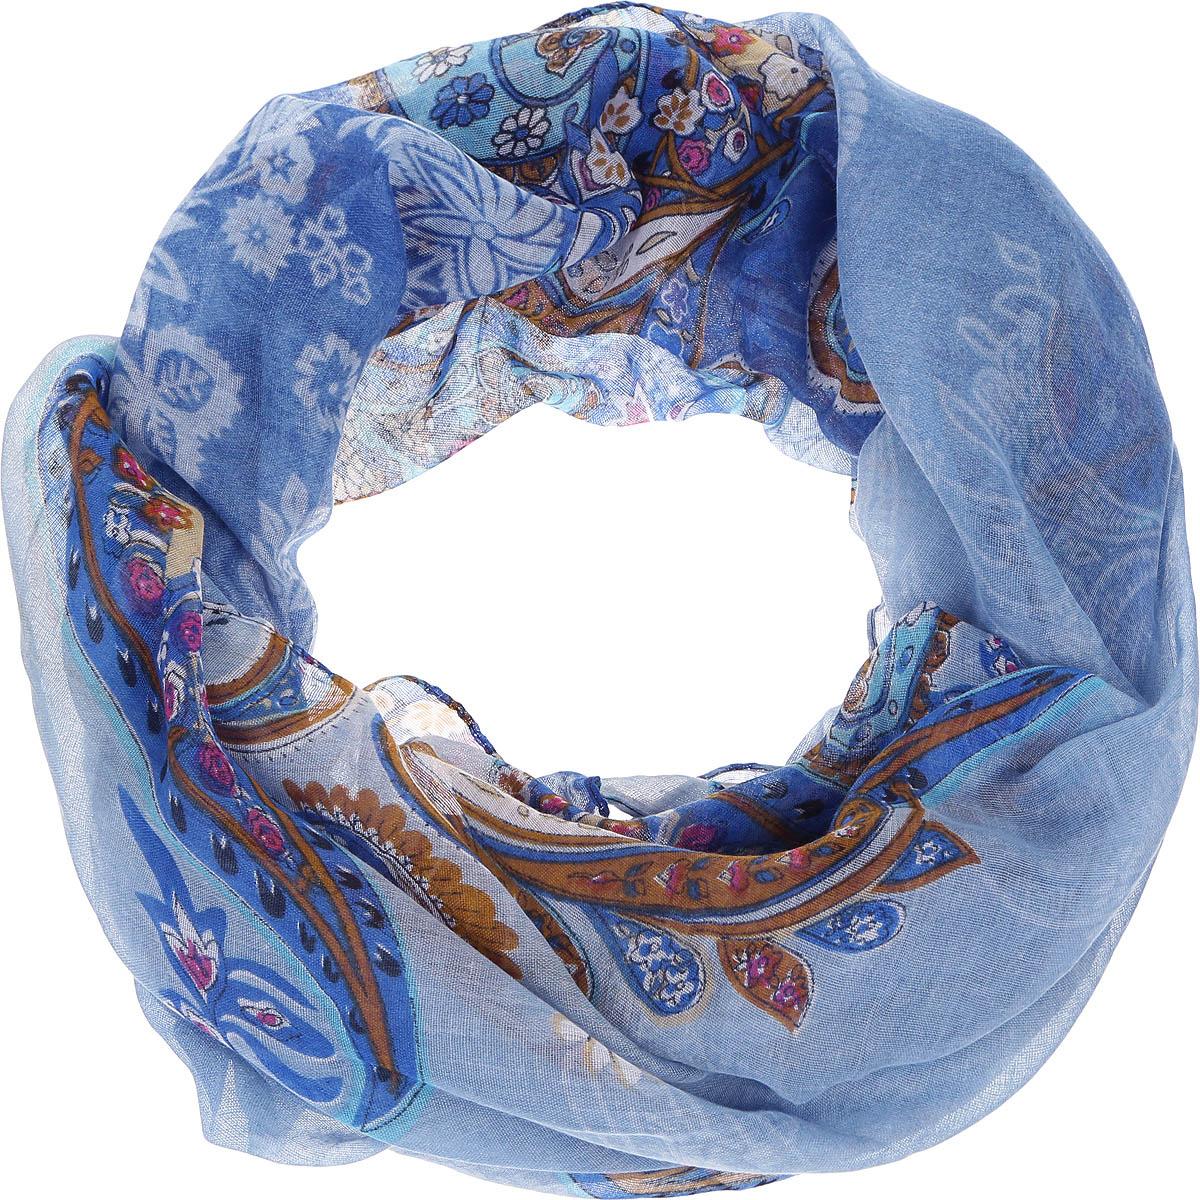 ШарфLeo37-FЭлегантный женский шарф от итальянского бренда Fabretti имеет неповторимую мягкость и легкость фактуры. Красочное сочетание цветов позволило дизайнерам создать изысканную модель, которая станет изюминкой любого весеннего образа.